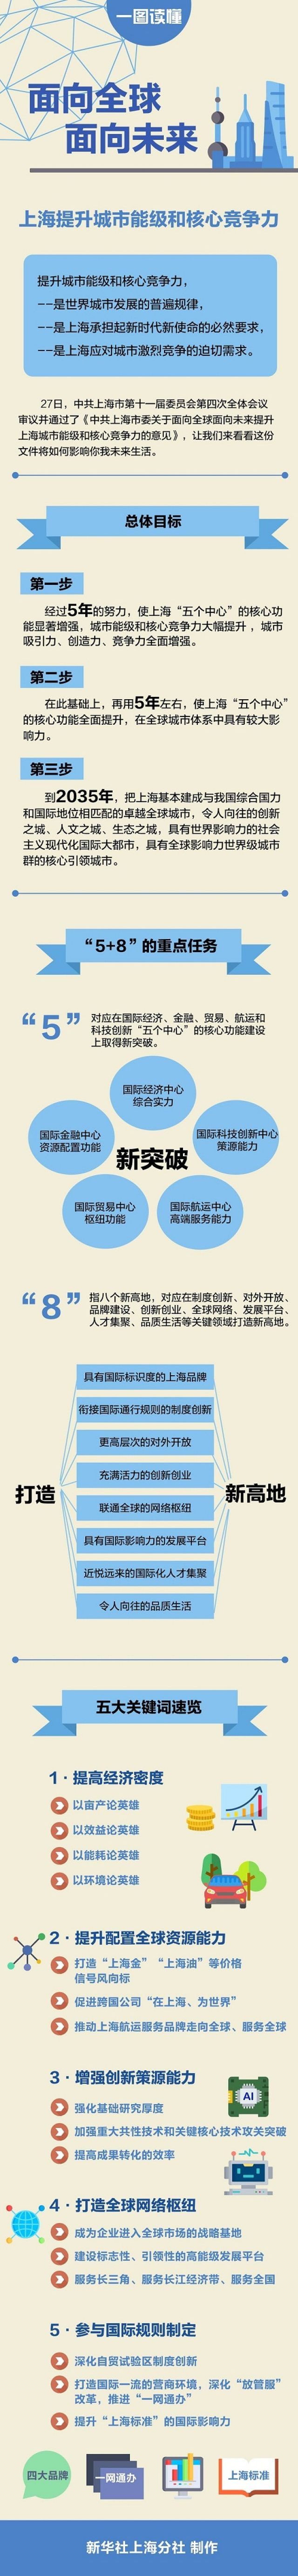 海纳百川,吸引人才,上海决定这么干!